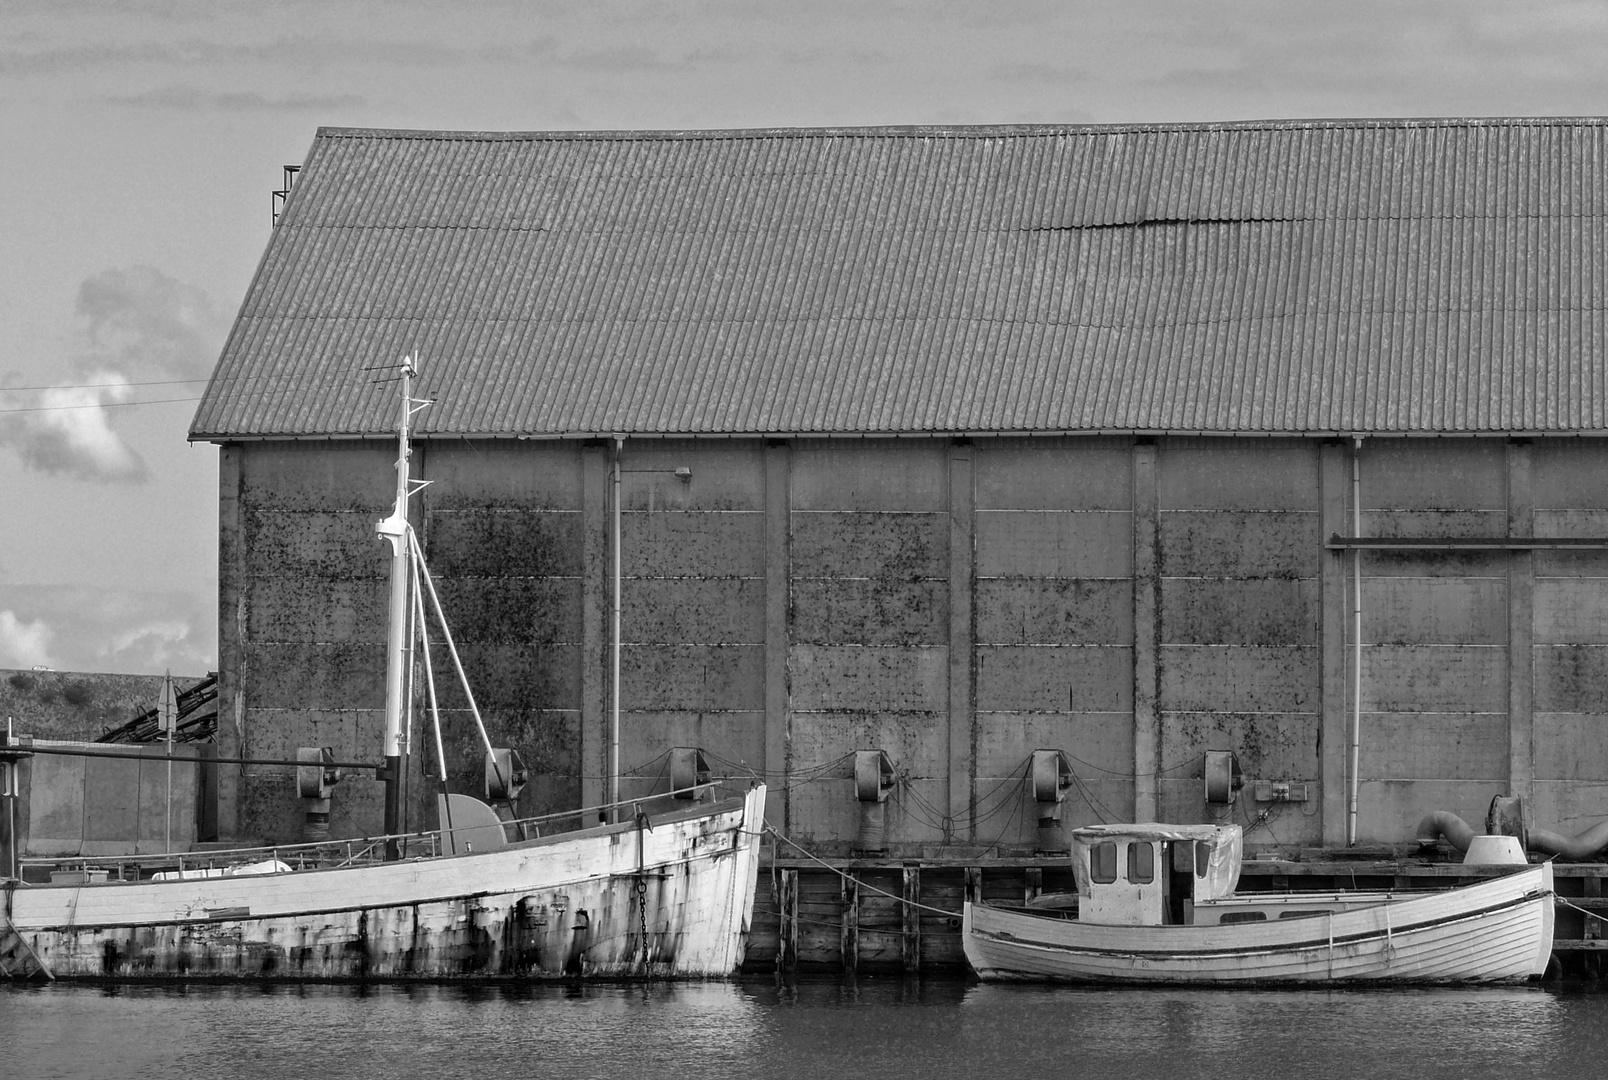 alter Hafen, Rudkobing / Langeland